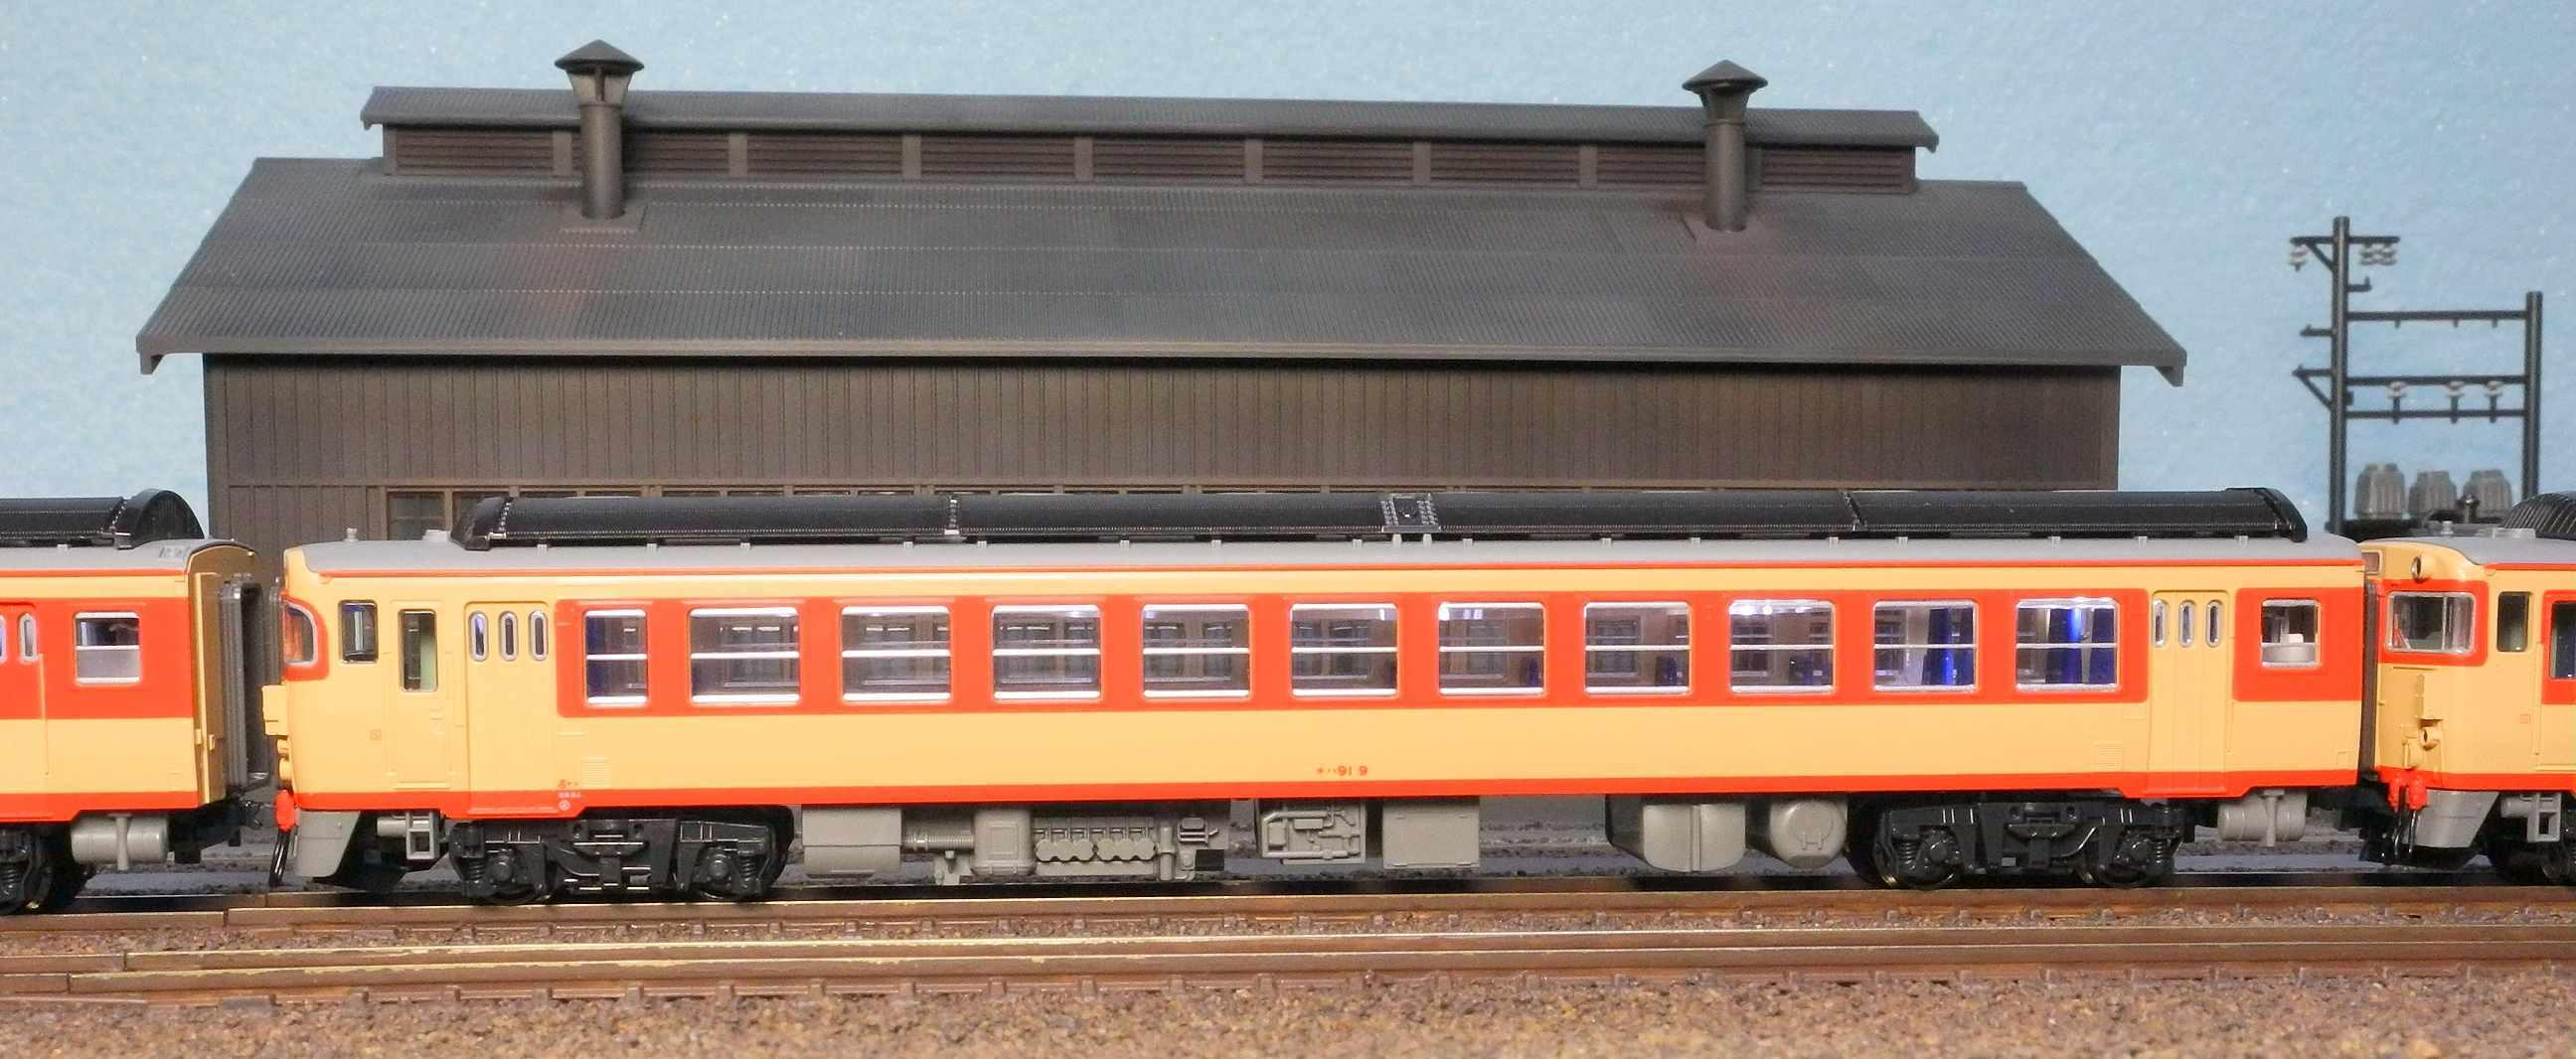 DSCN8772-1.jpg